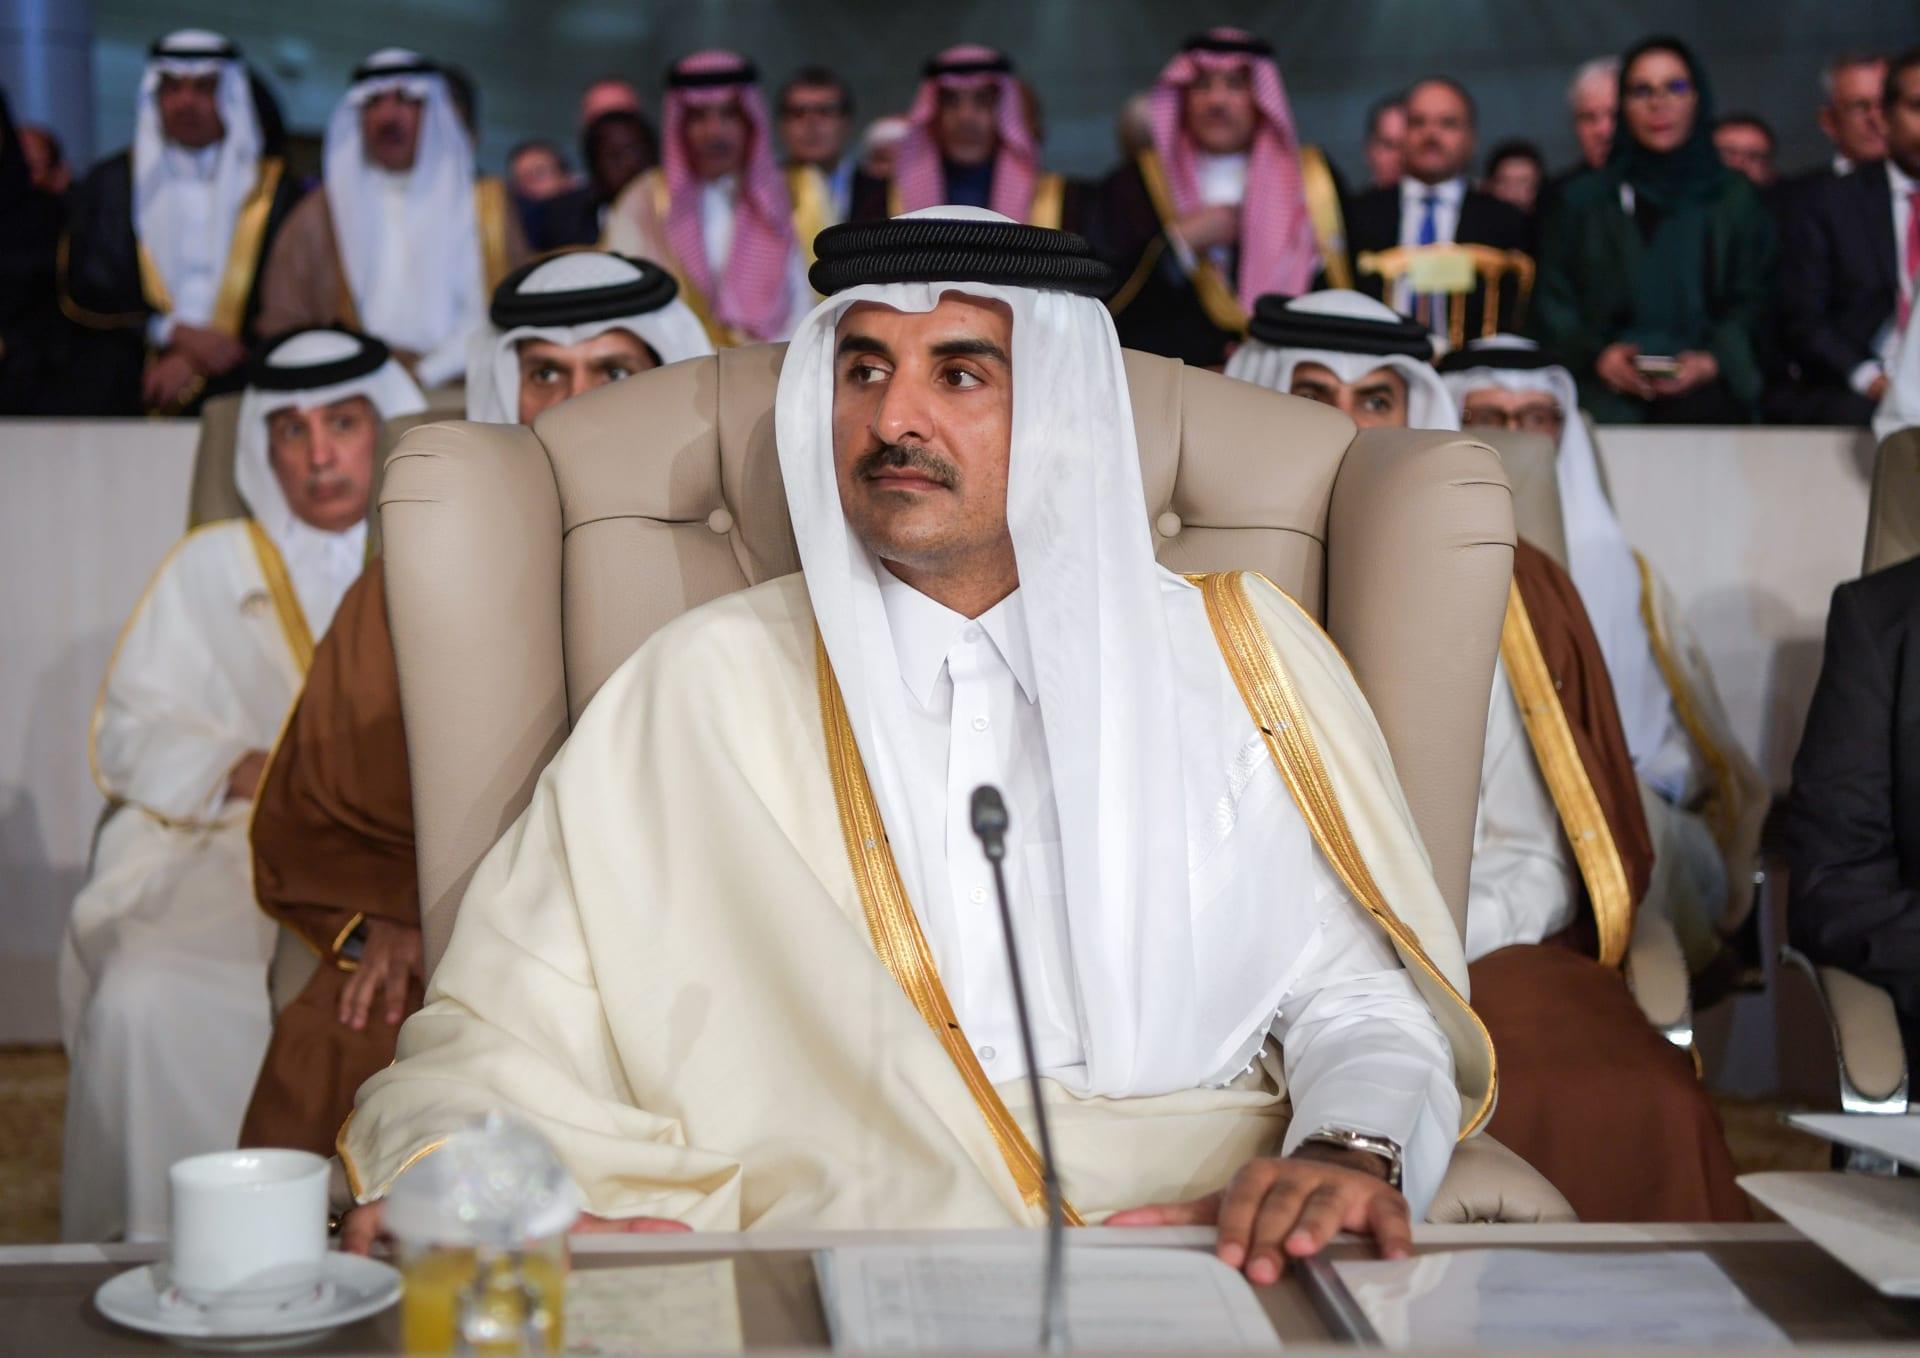 جوعان بن حمد بعد مغادرة شقيقه للقمة العربية: قطر لا تساوم على ثوابت الحقوق العربية